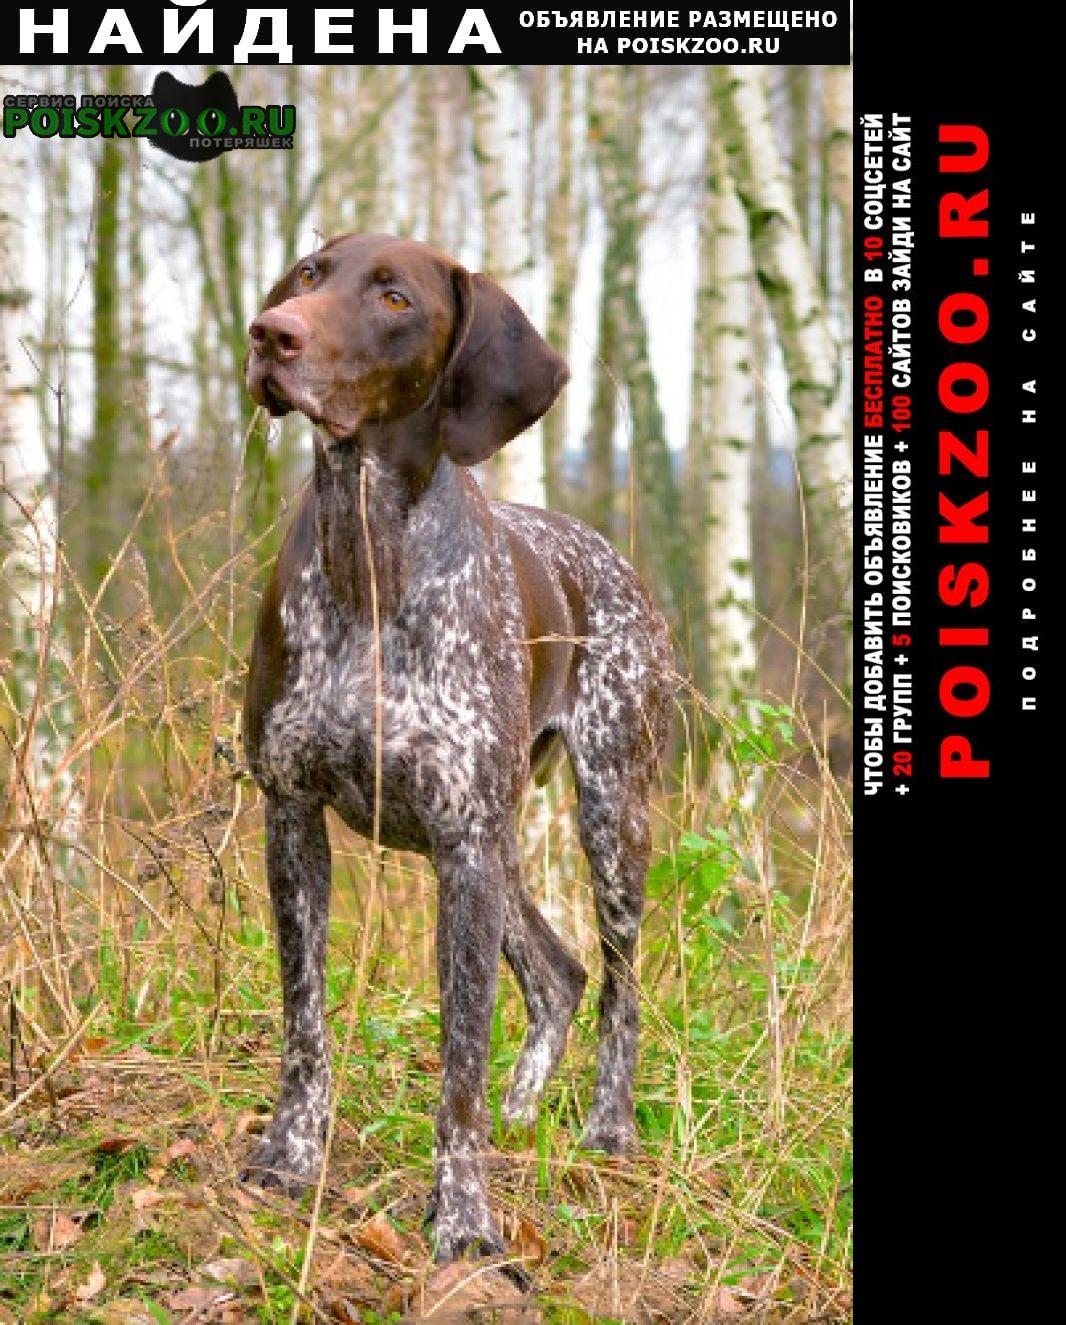 Пропала собака видели как бегал Краснодар